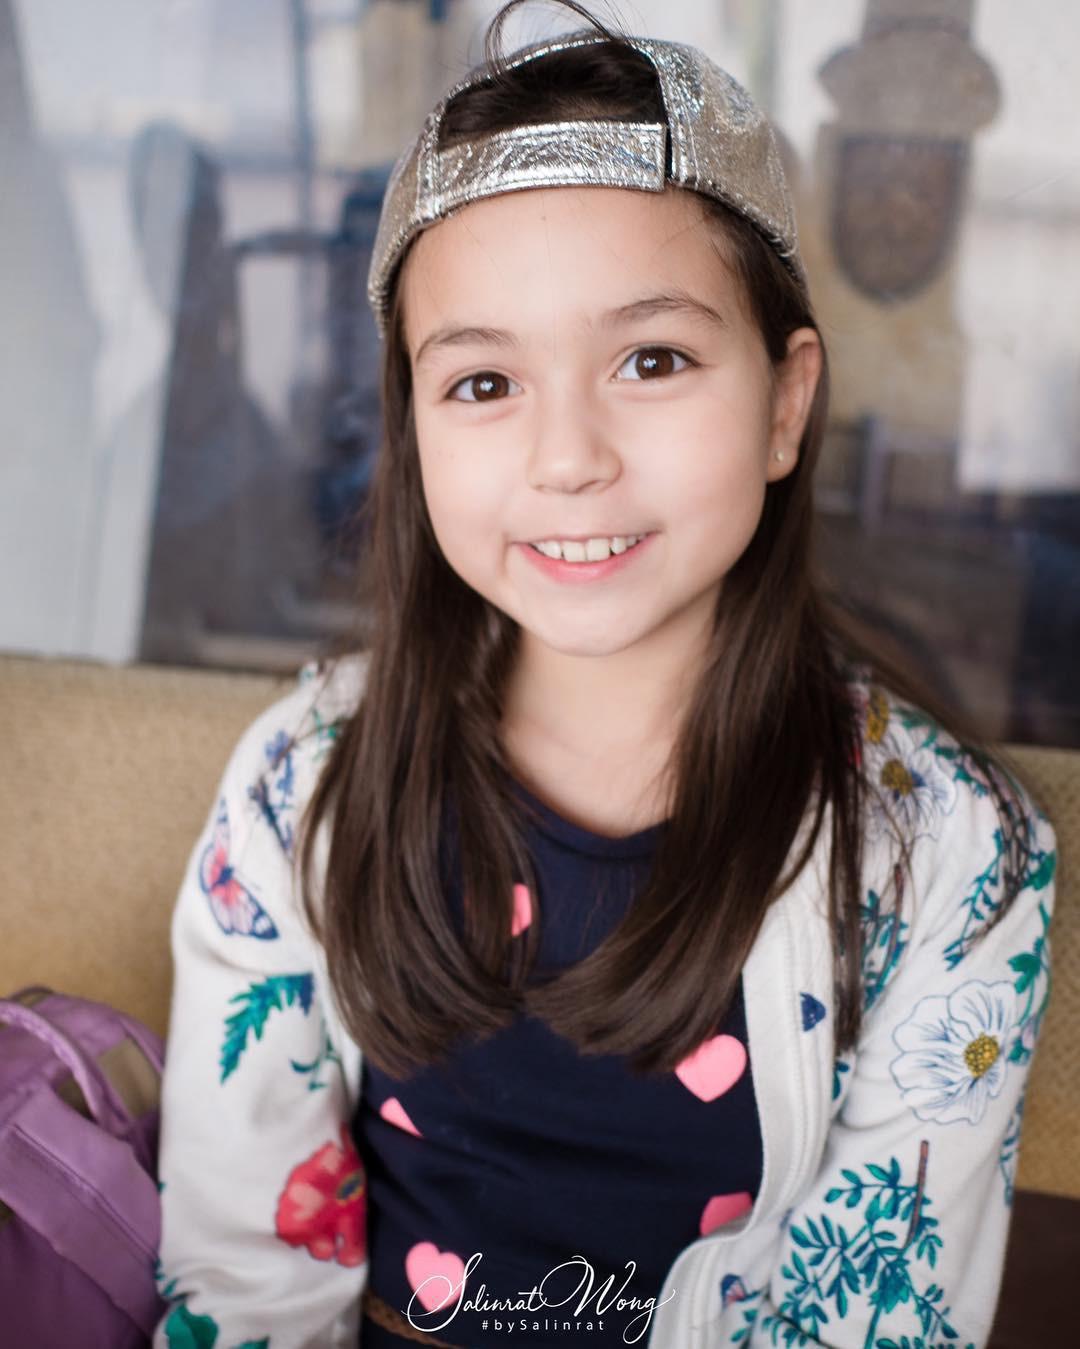 'Thiên thần nhí đẹp nhất Thái Lan' bất ngờ xuất hiện với nhan sắc 'đẹp như tạc tượng' sau 7 năm kể từ khi nổi tiếng - Ảnh 10